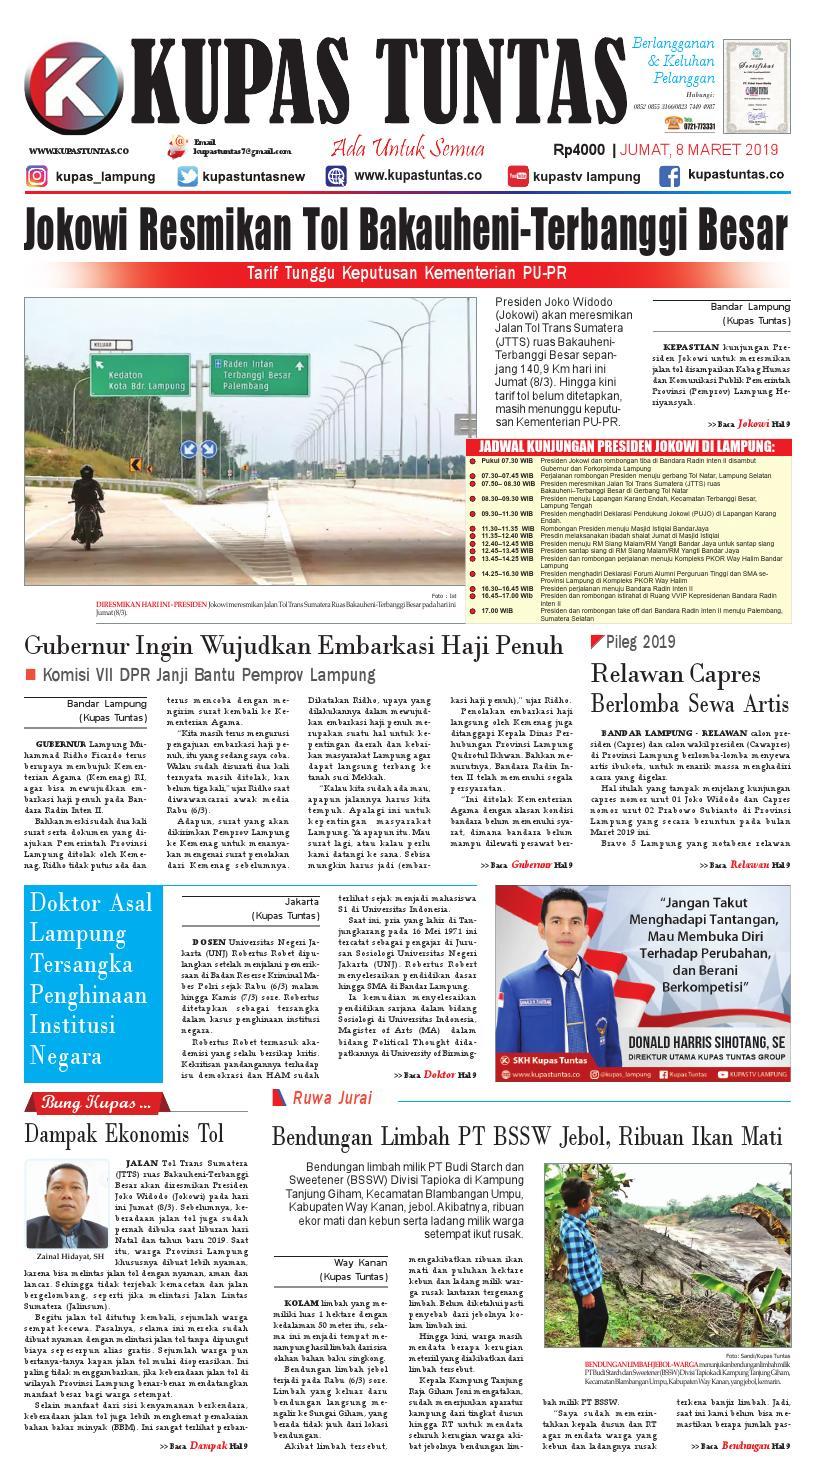 Surat Kabar Harian Kupas Tuntas Edisi Jumat 08 Maret 2019 By Kupas Tuntas Issuu